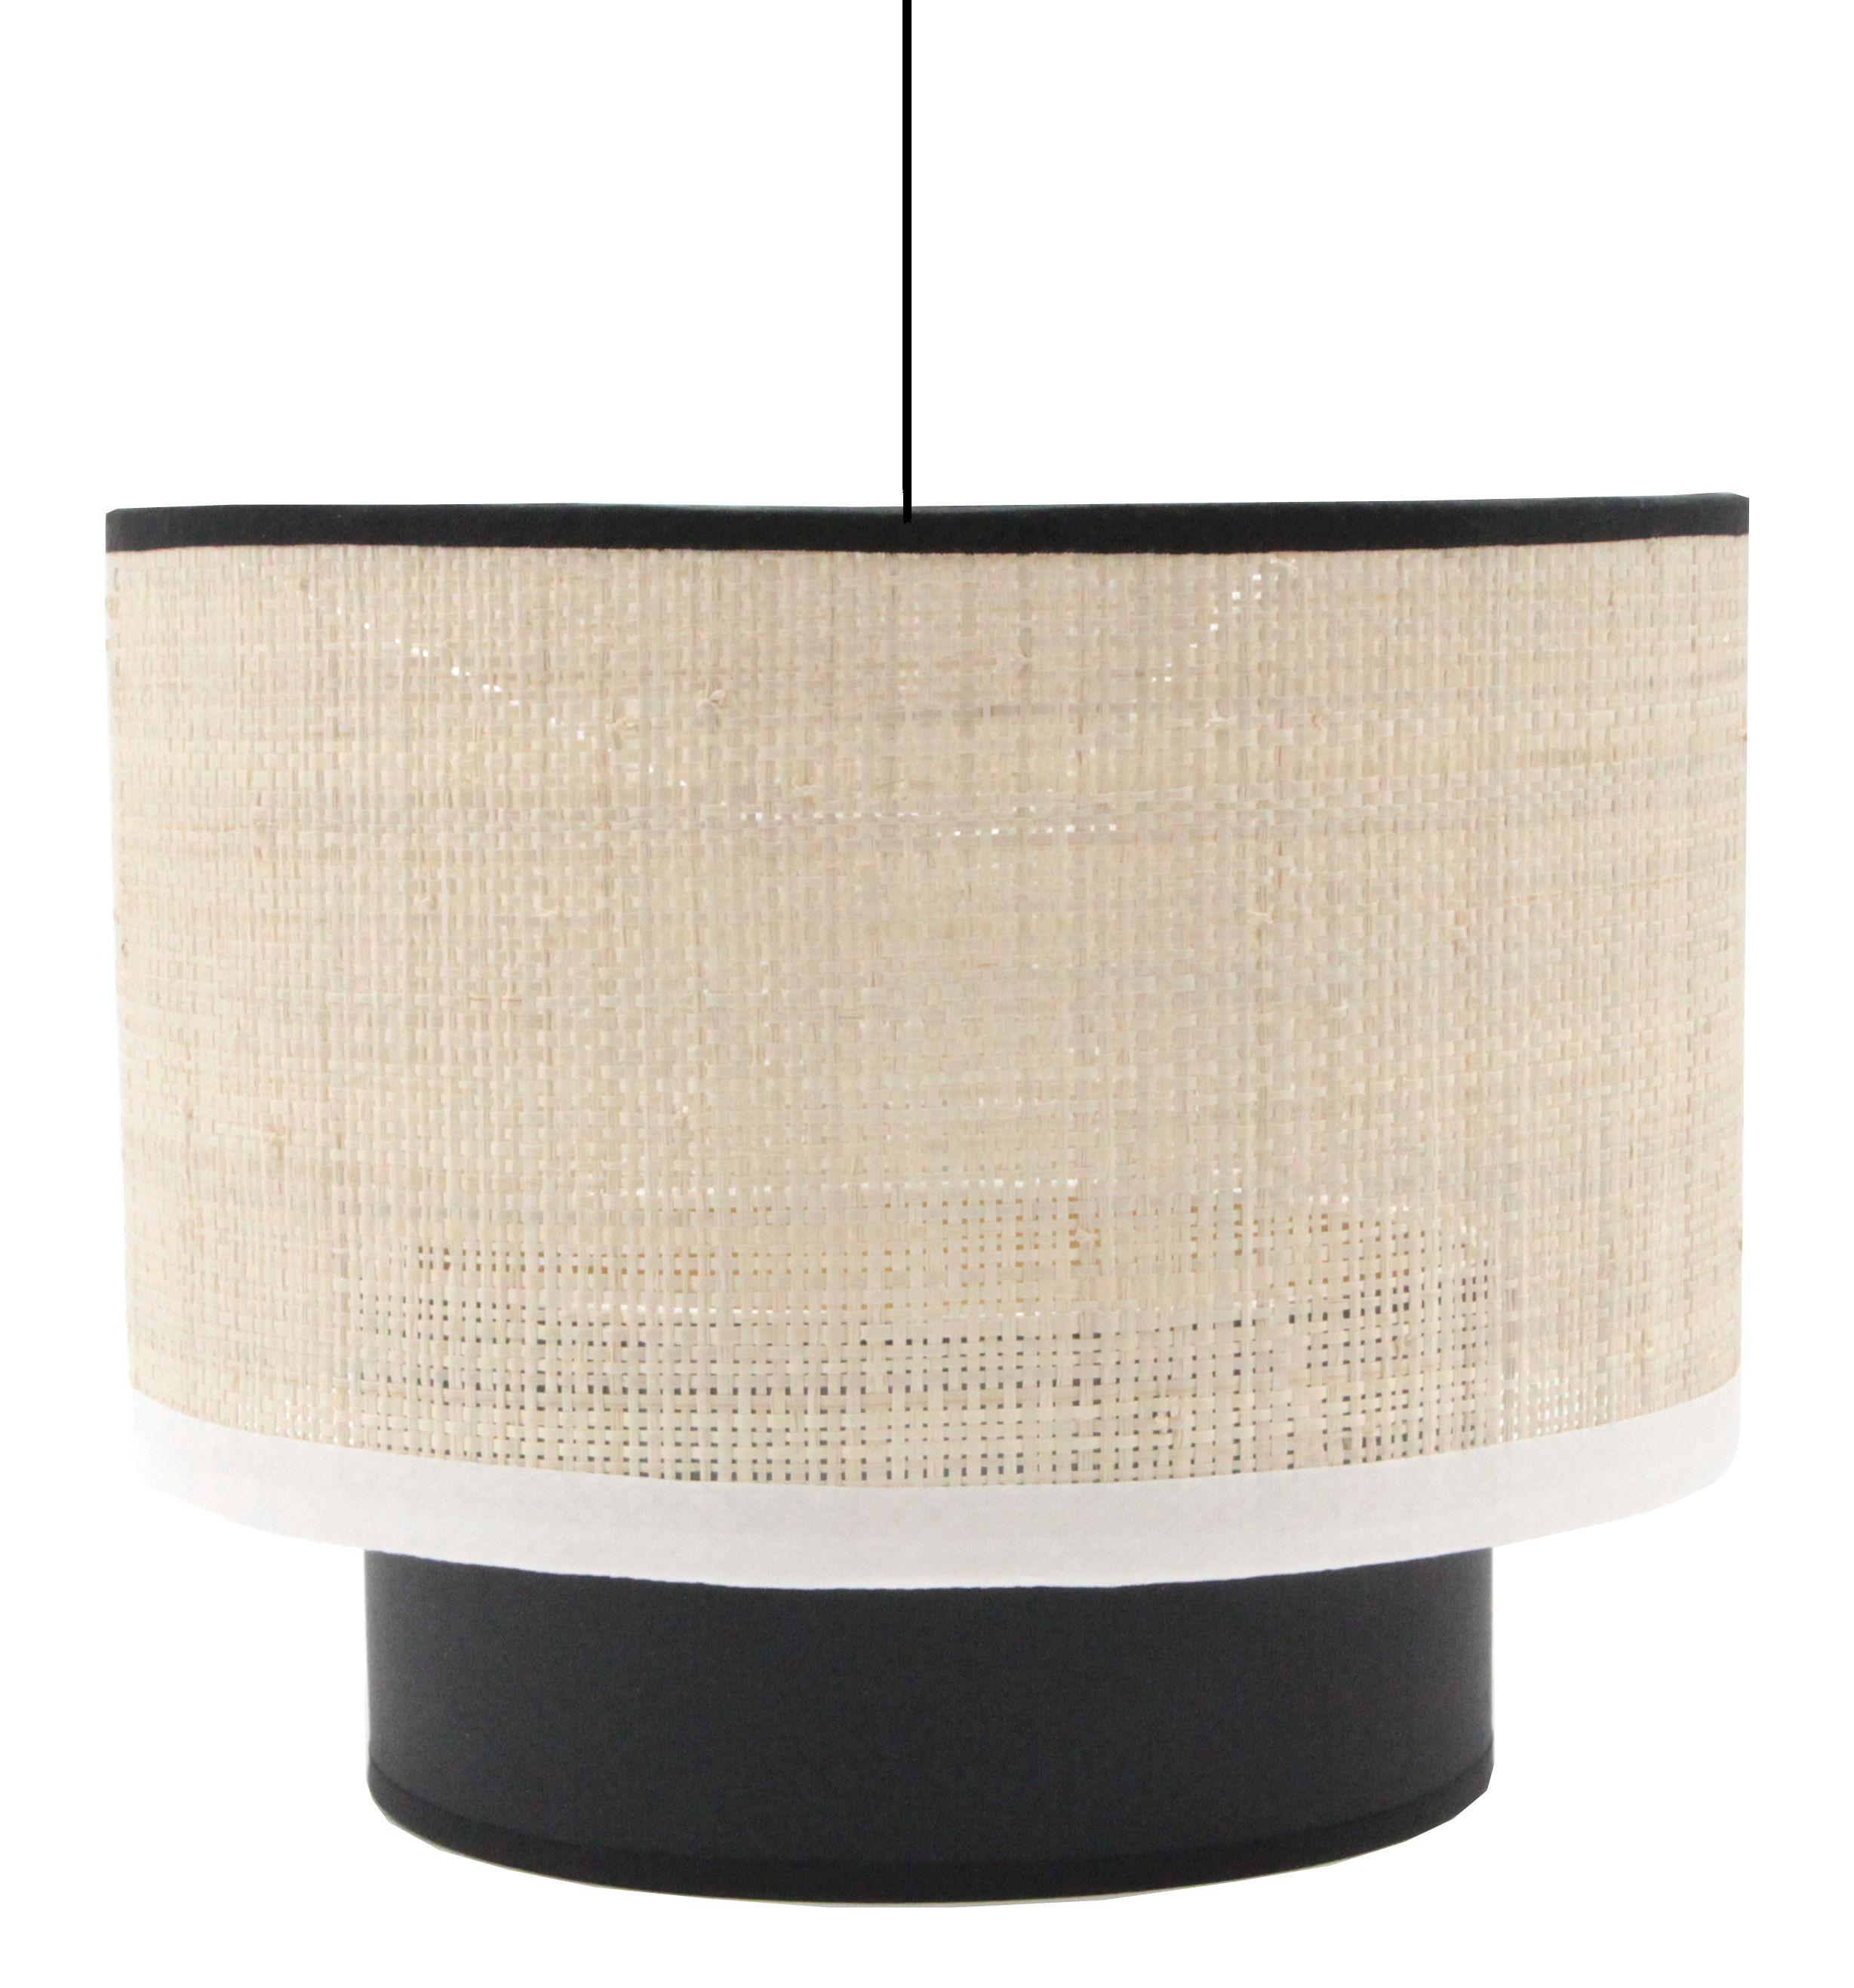 Illuminazione - Lampadari - Sospensione Eclipse / tessuto in fibre di rafia - Ø 25 cm - Maison Sarah Lavoine - Tessuto in fibre di rafia / Bordino bianco e nero - Cotone, Metallo, Rabane